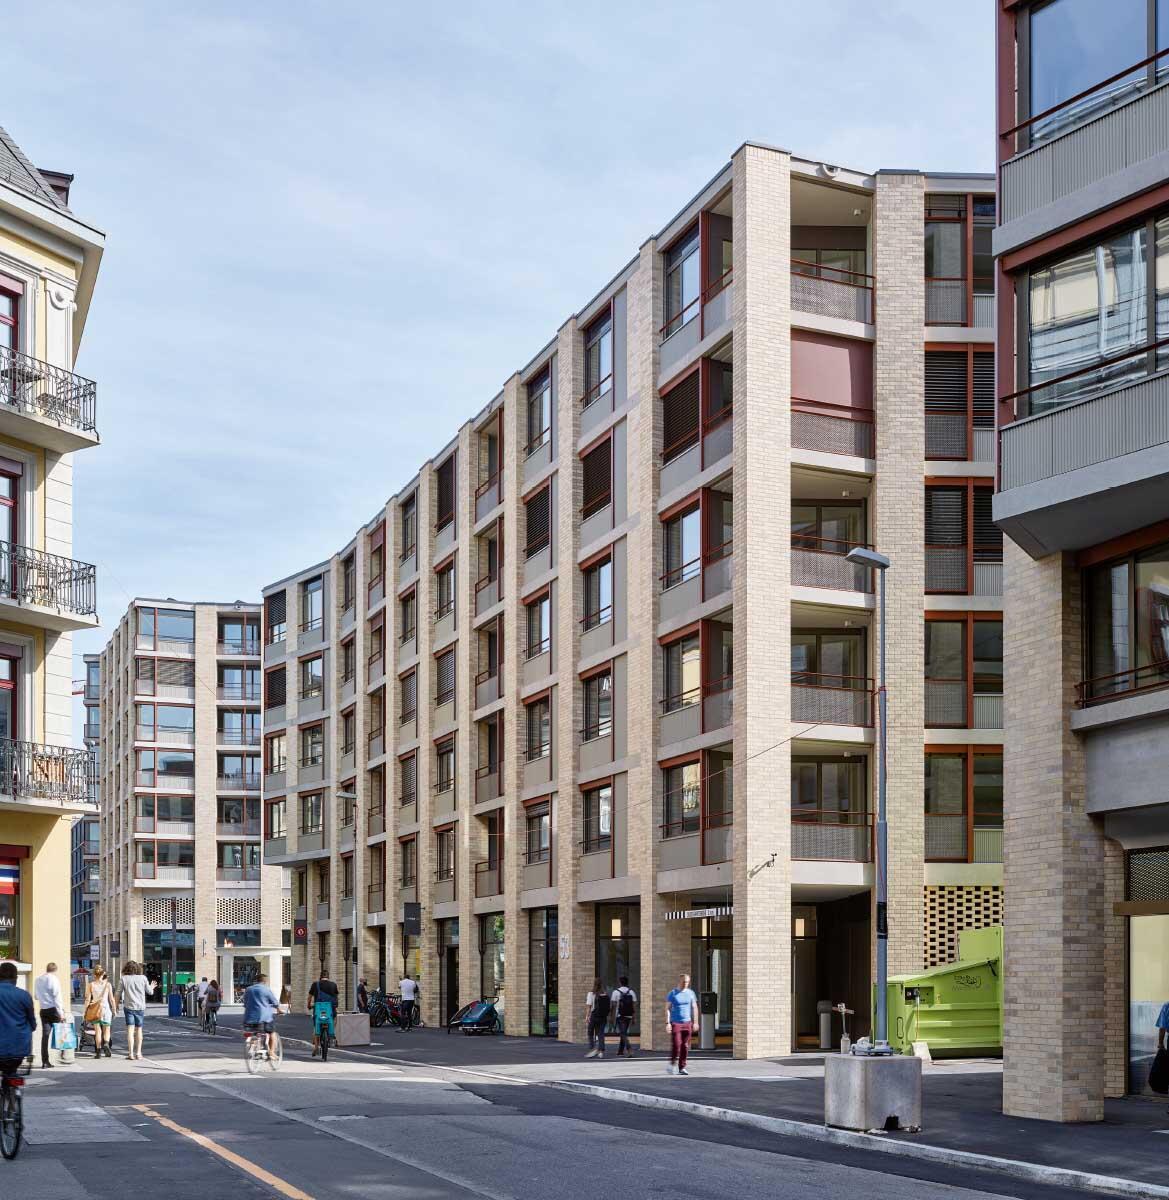 Im neu entstandenen Strassenraum fühlt sich das Publikum im Sommer 2019 sichtlich wohl. Die Bebauung vernetzt sich mit dem Quartier. Bild: Philip Heckhausen